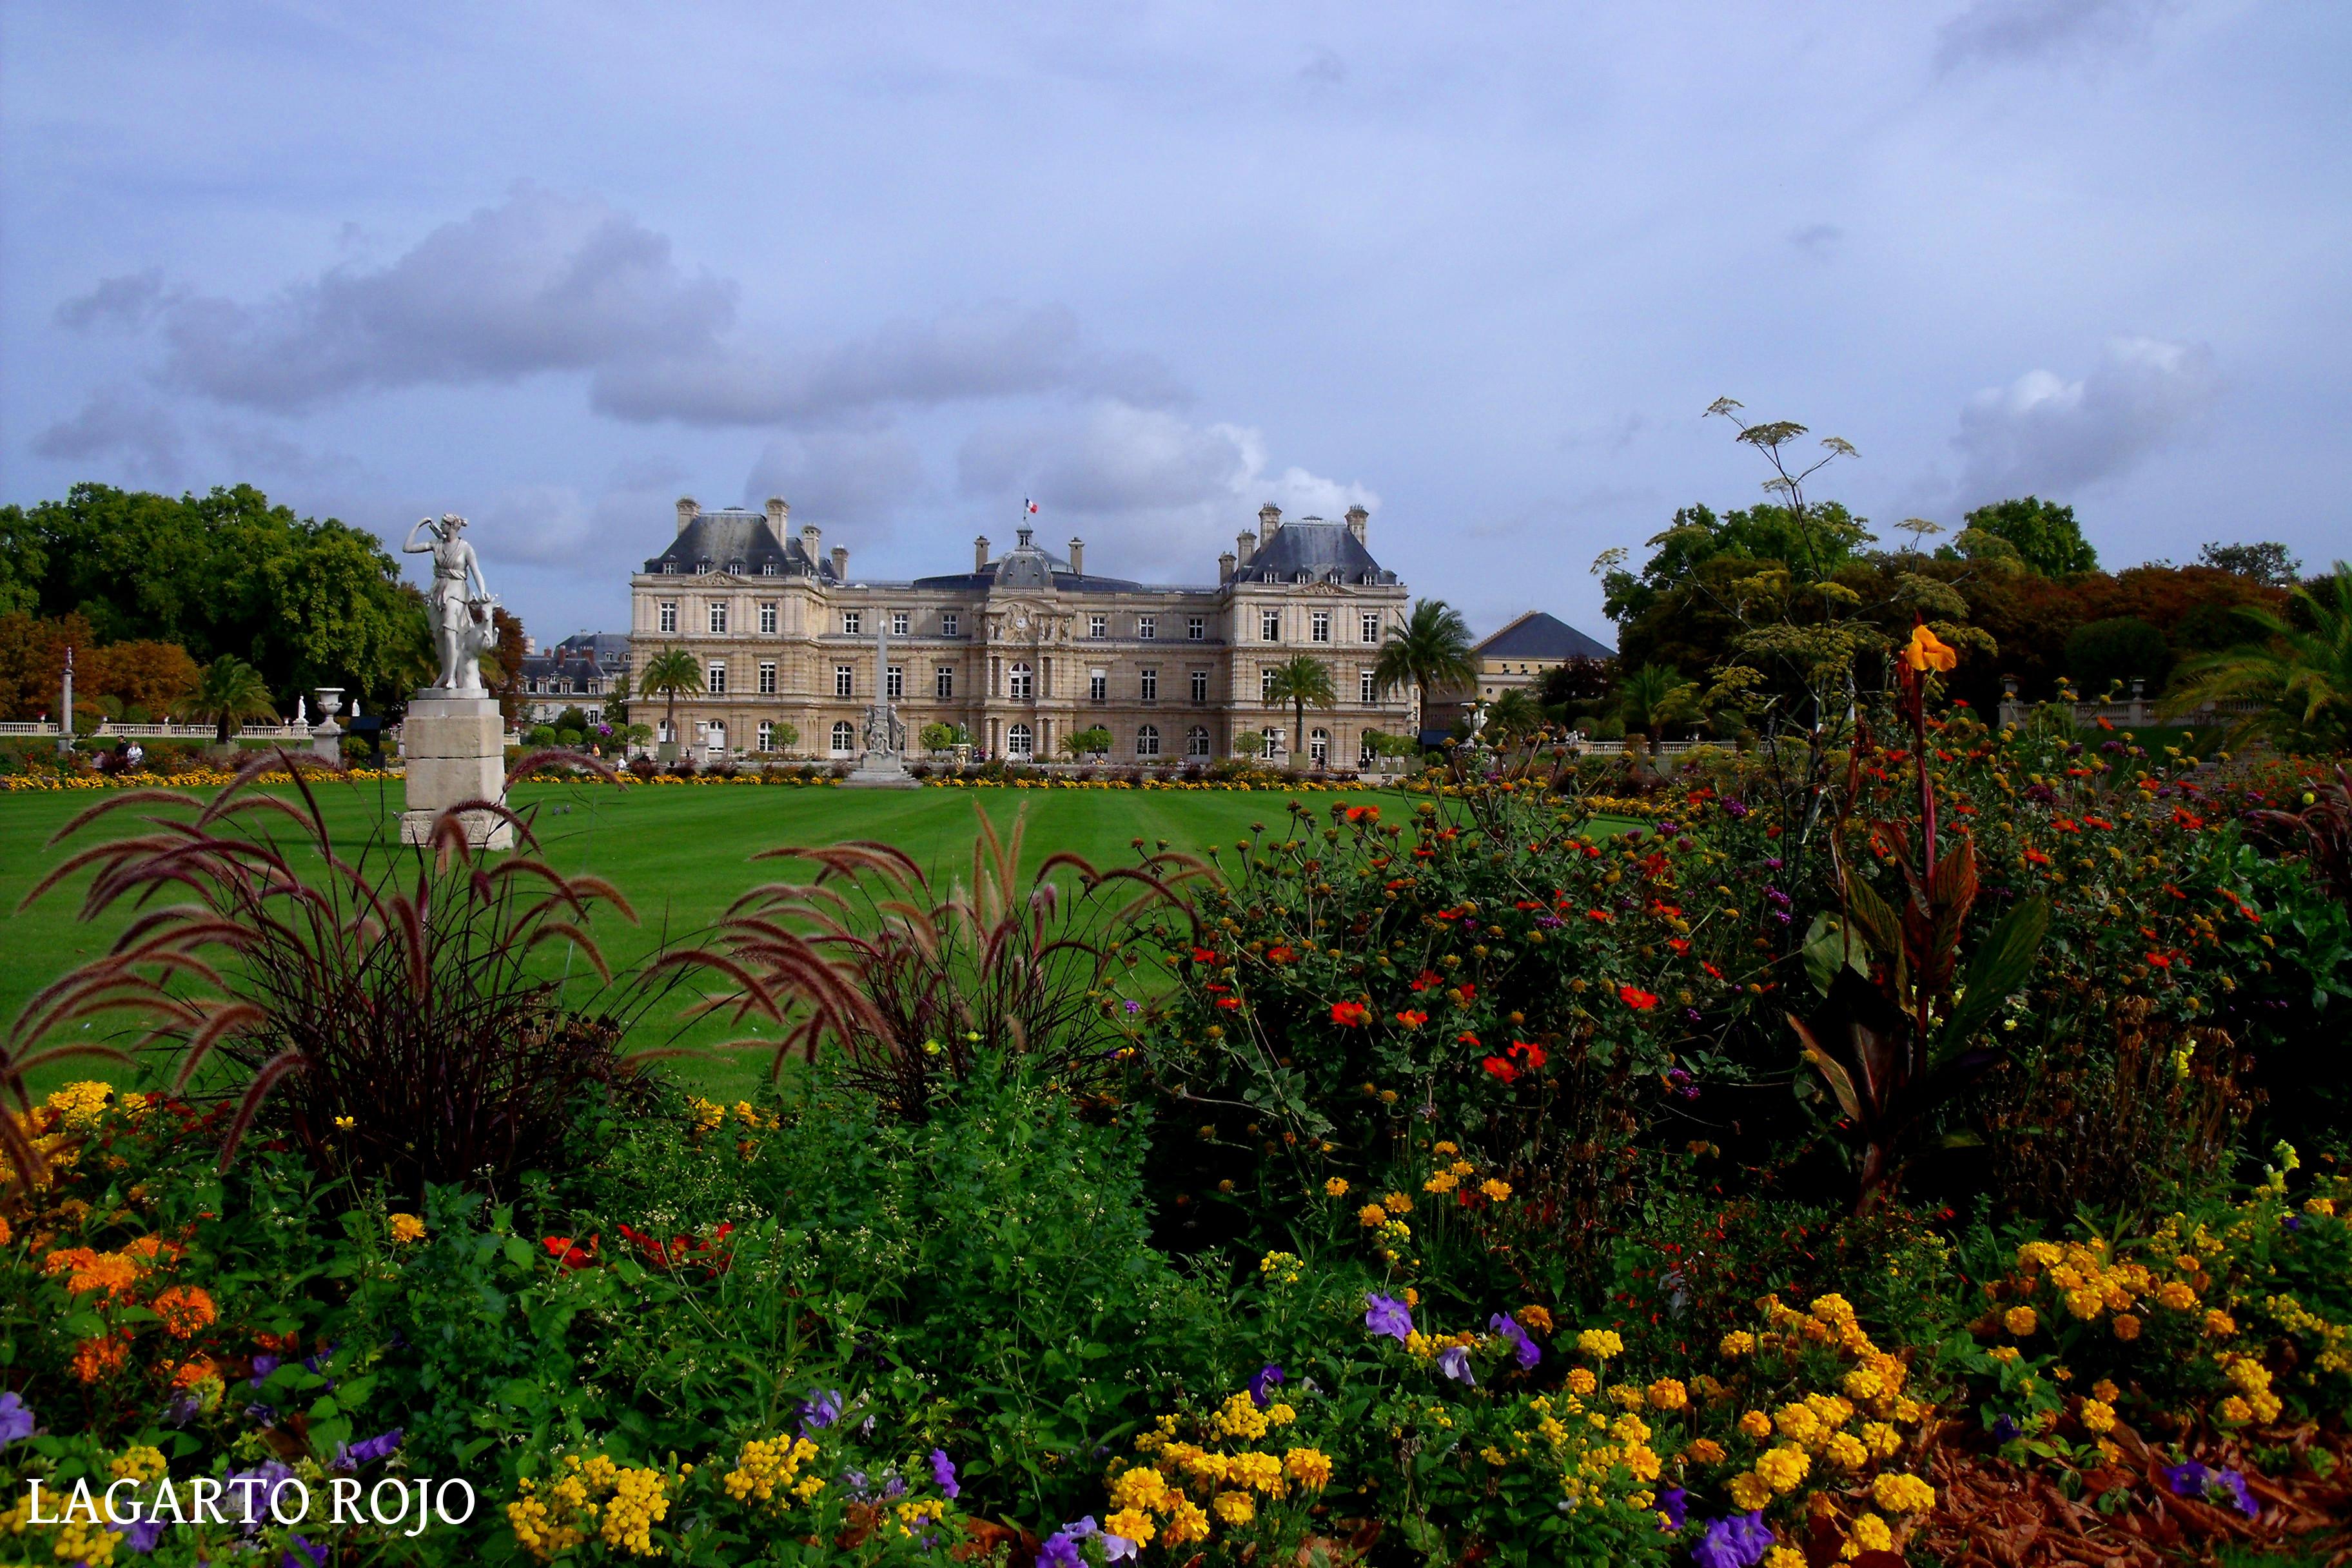 Diez lugares extraordinarios de par s i lagarto rojo for Jardines de luxemburgo paris